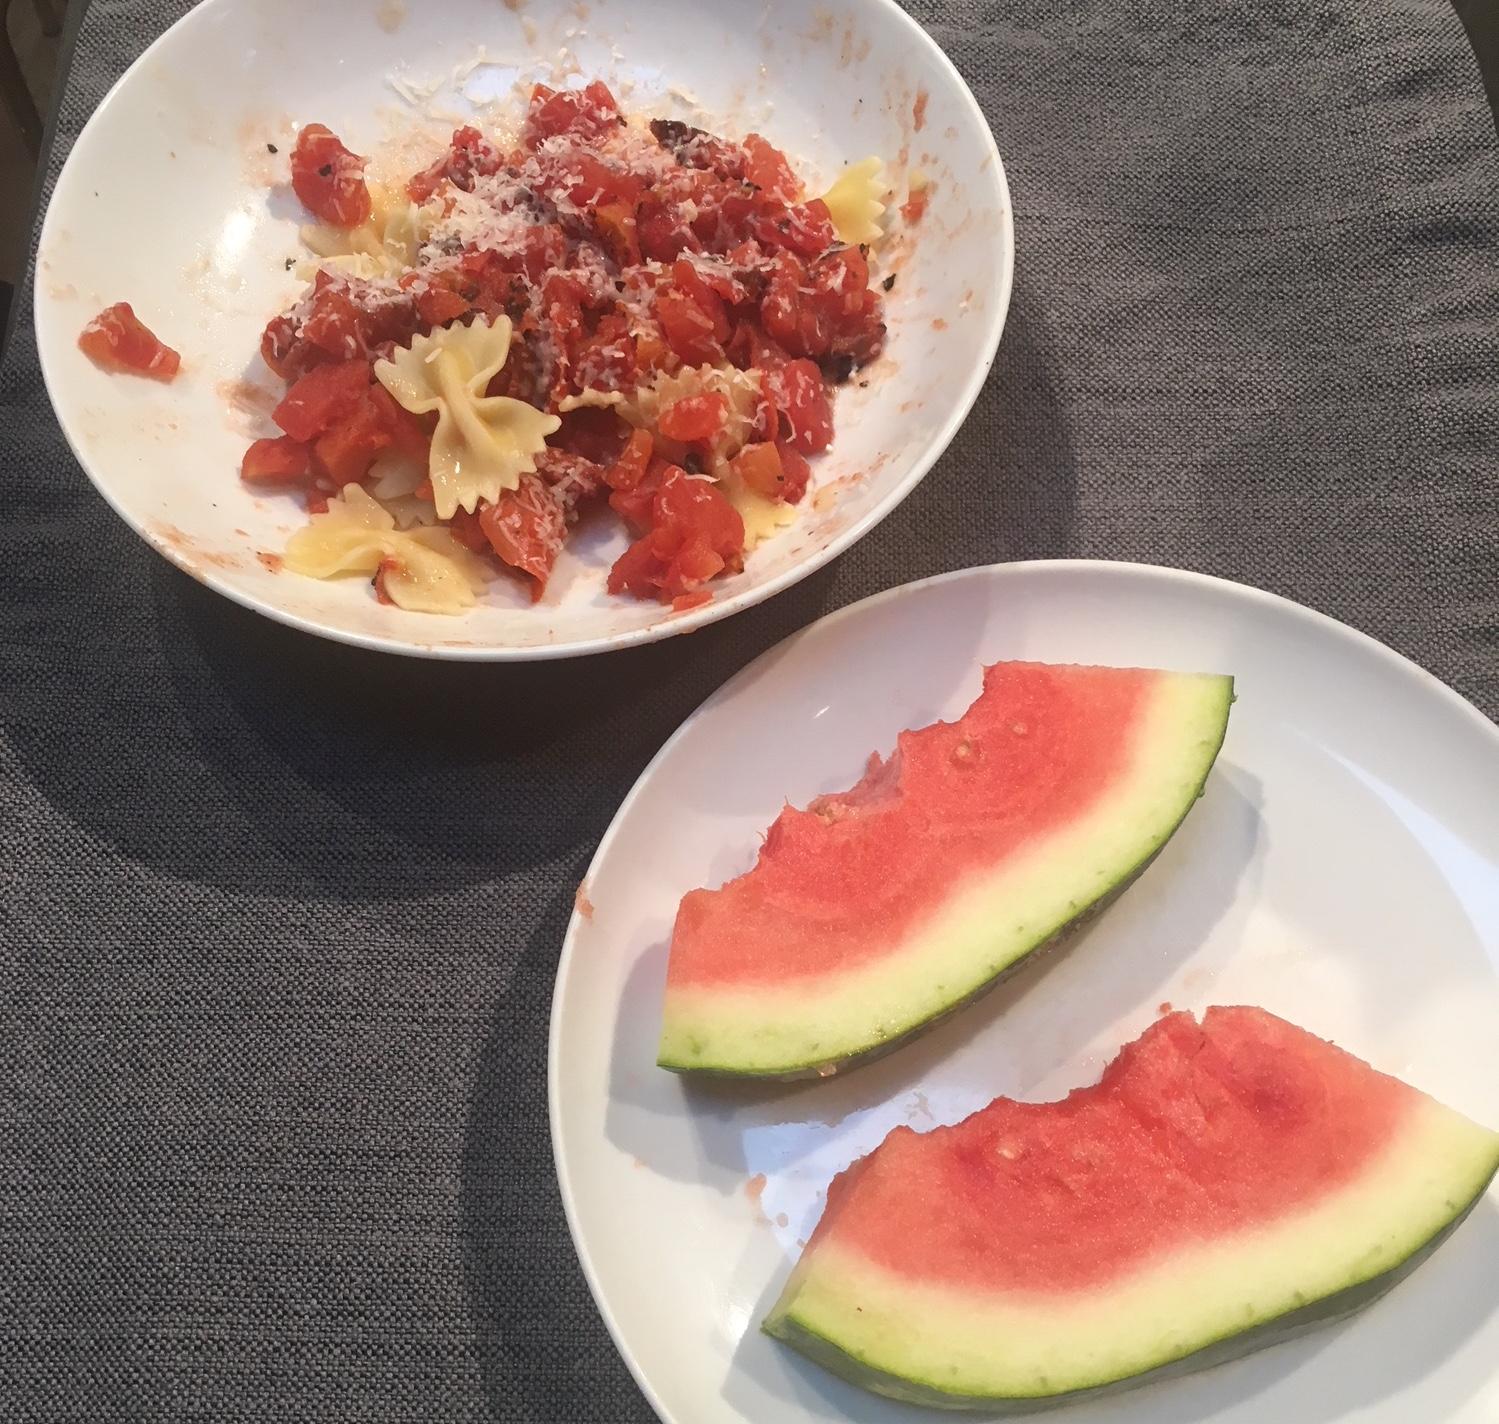 healthy breakfast alternatives